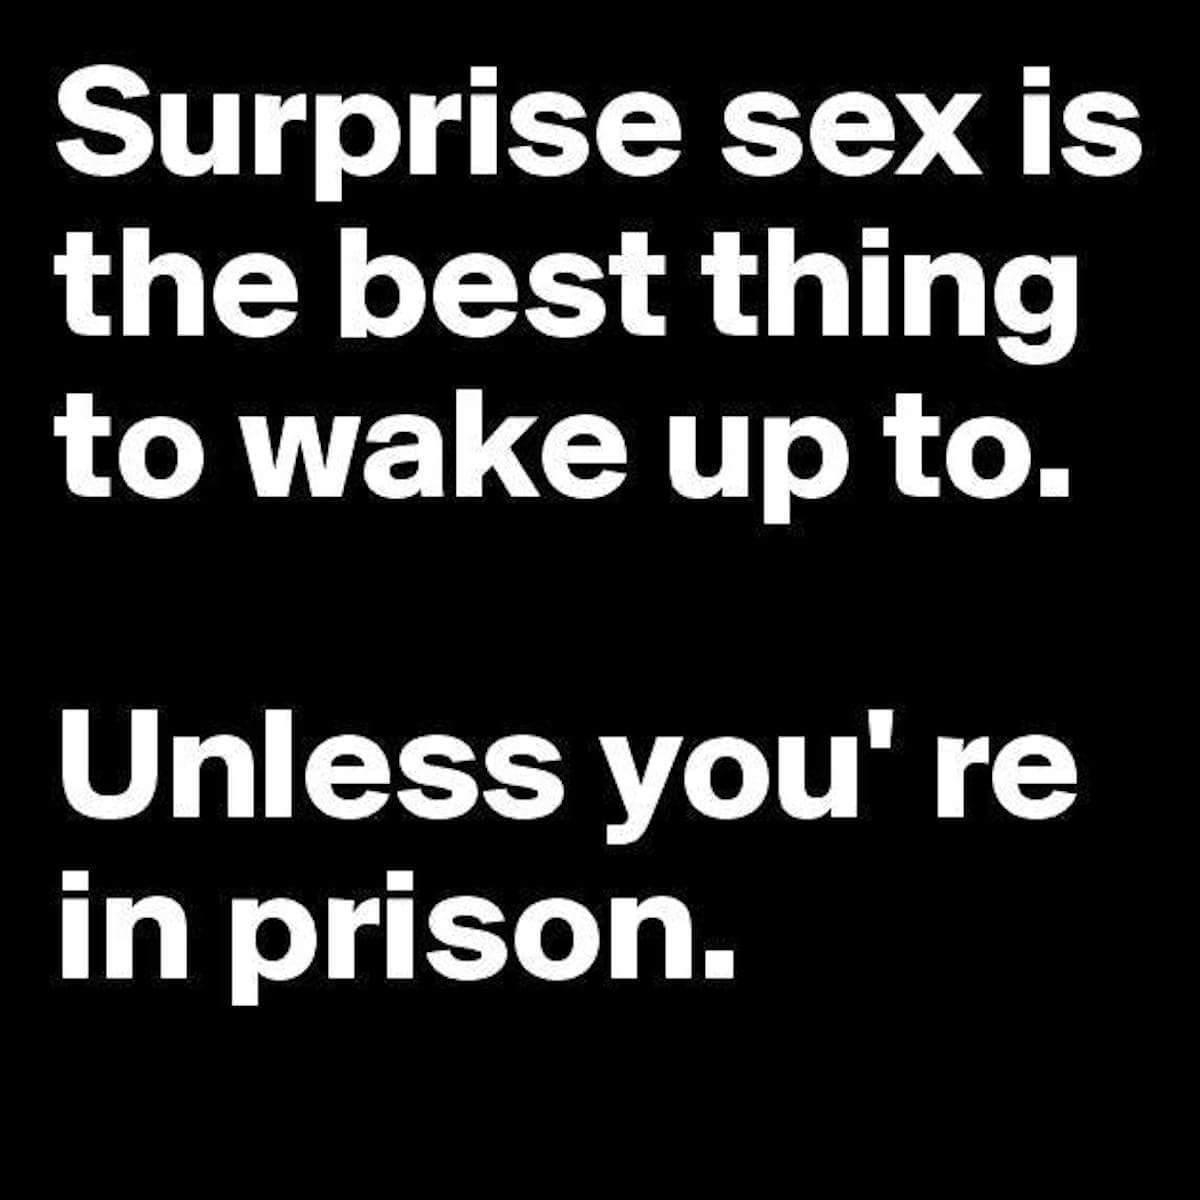 Surprise - meme